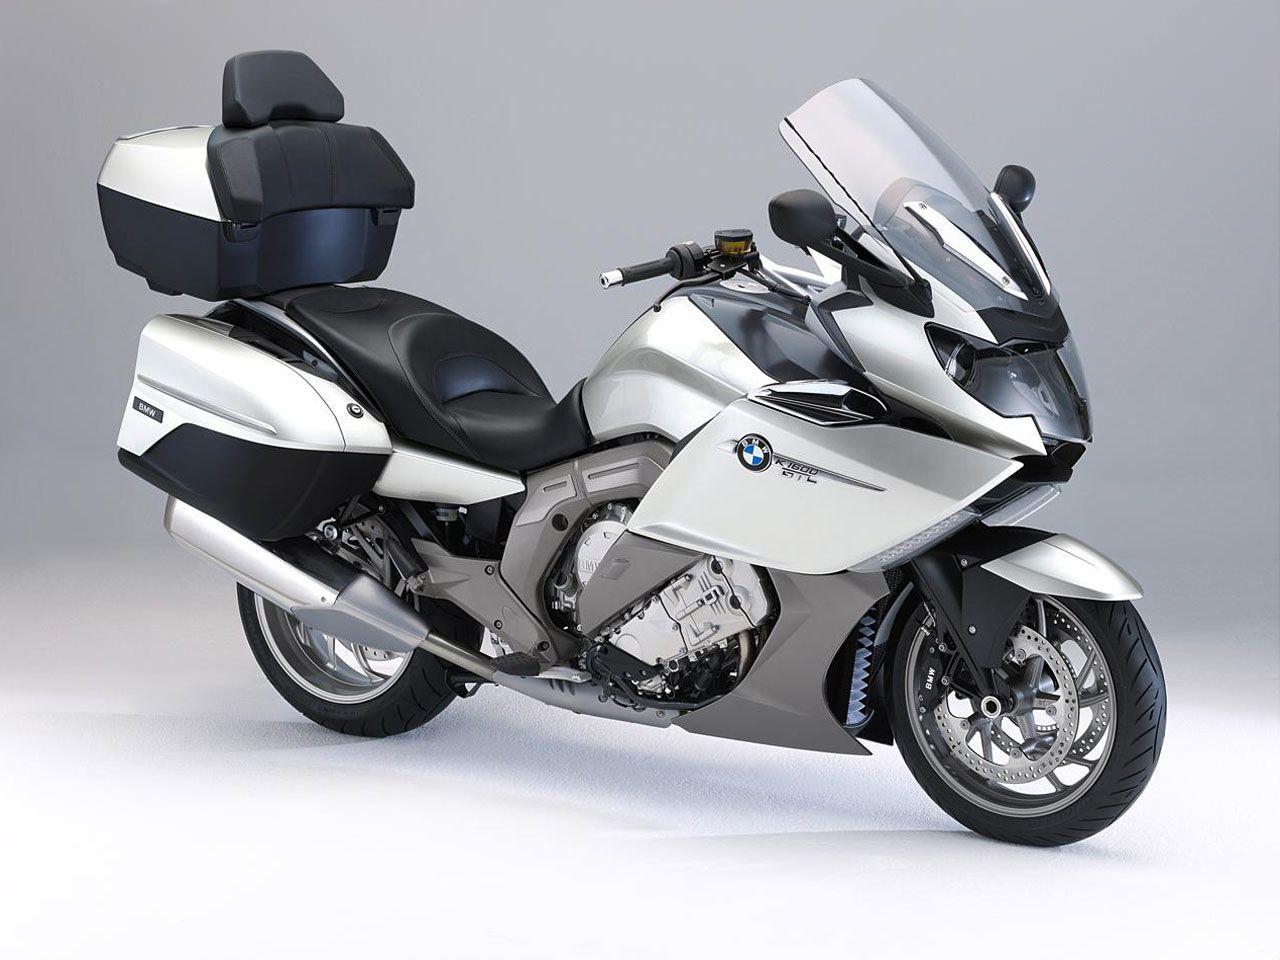 2011 Bmw K 1600 Gtl Full Superbike Touring Bmw Motorcycle Motos Bmw Motos Clasicas Motos